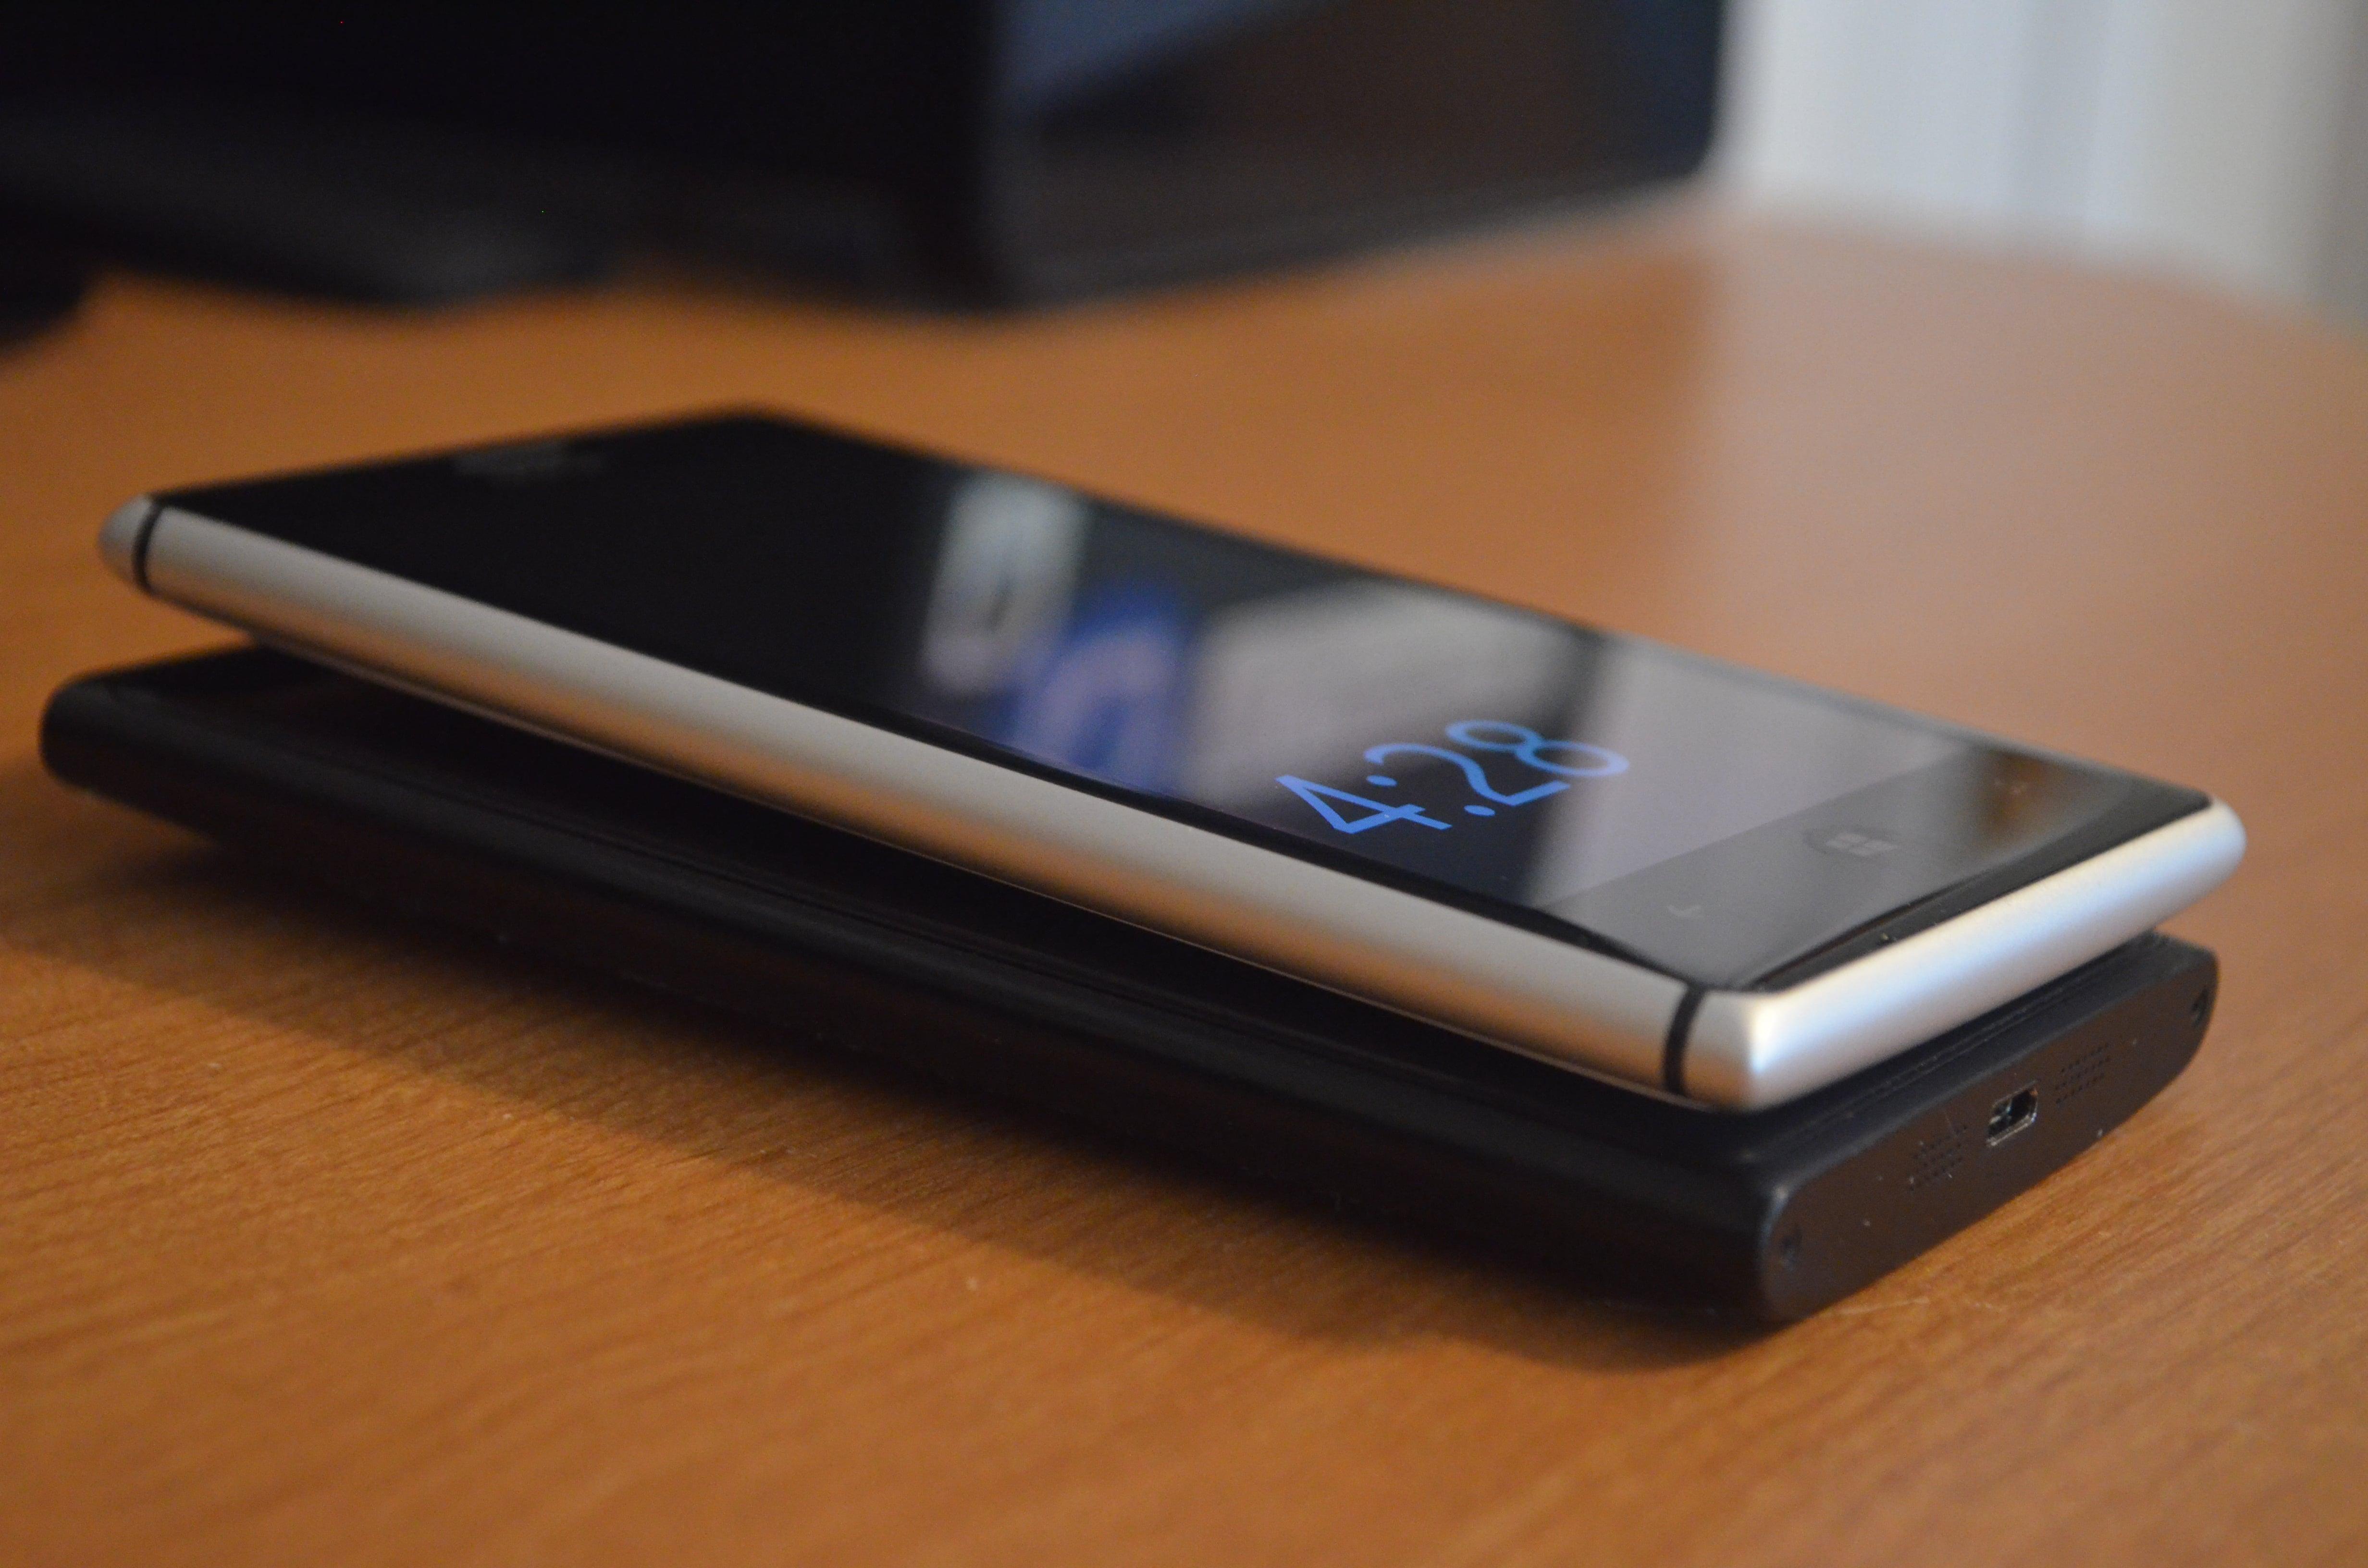 Camera Comparison: Nokia Lumia 925 vs Nokia Lumia 920